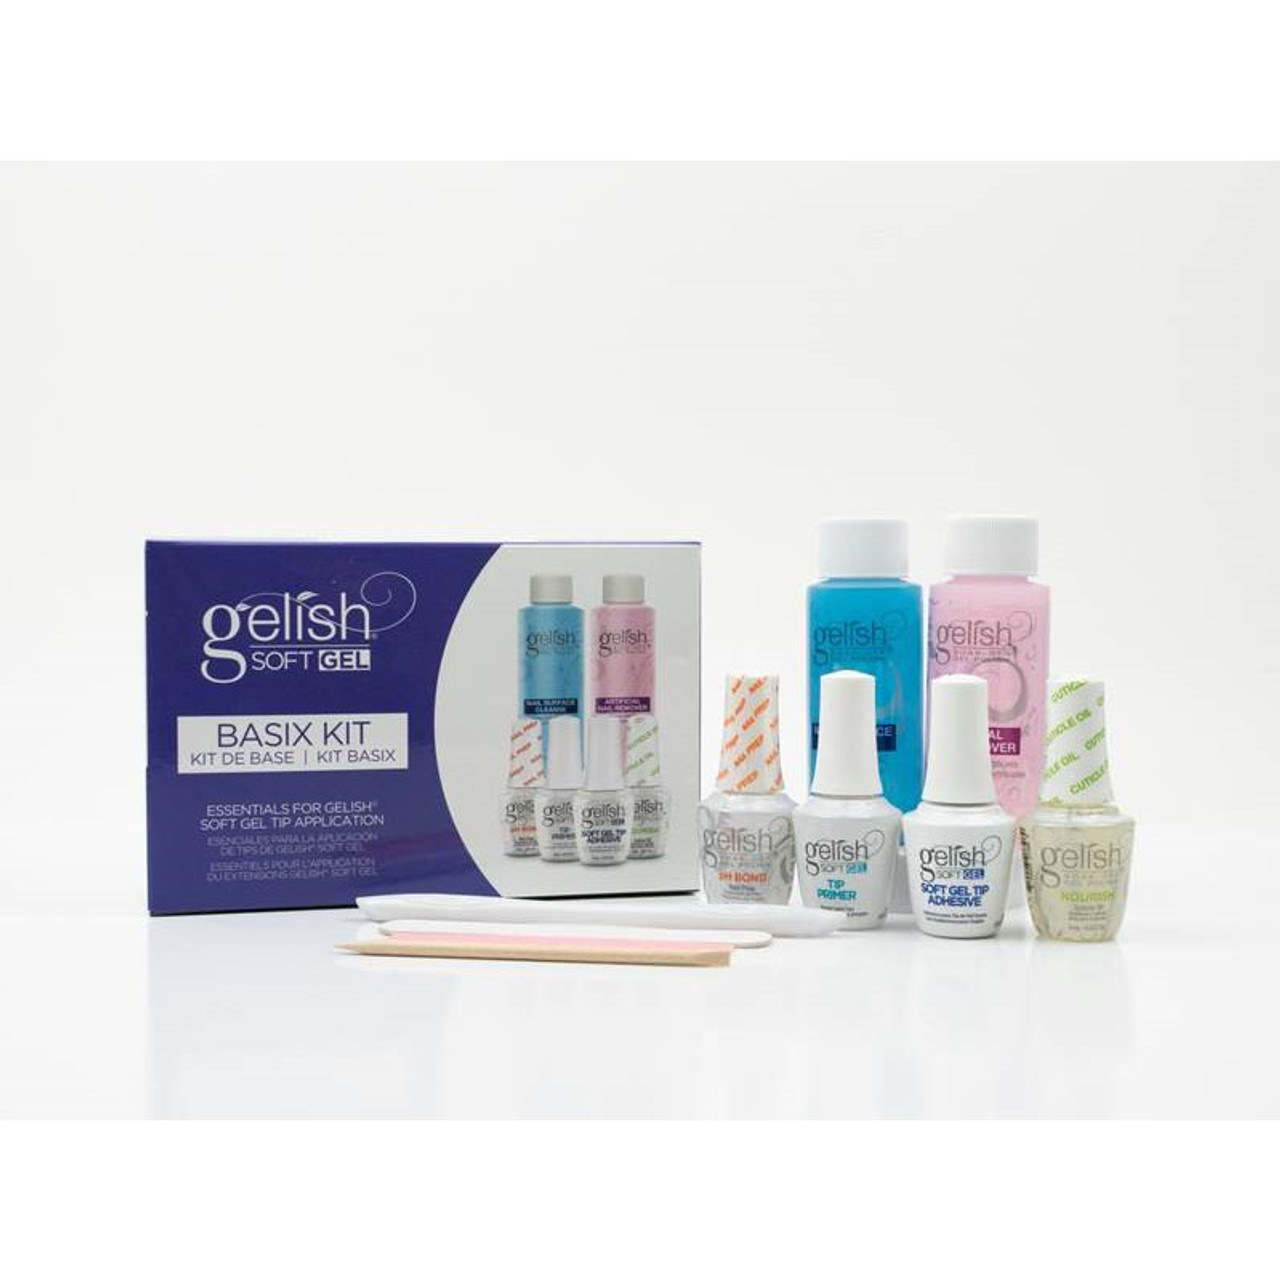 Gelish Soft Gel Bundle - Long Coffin Kit